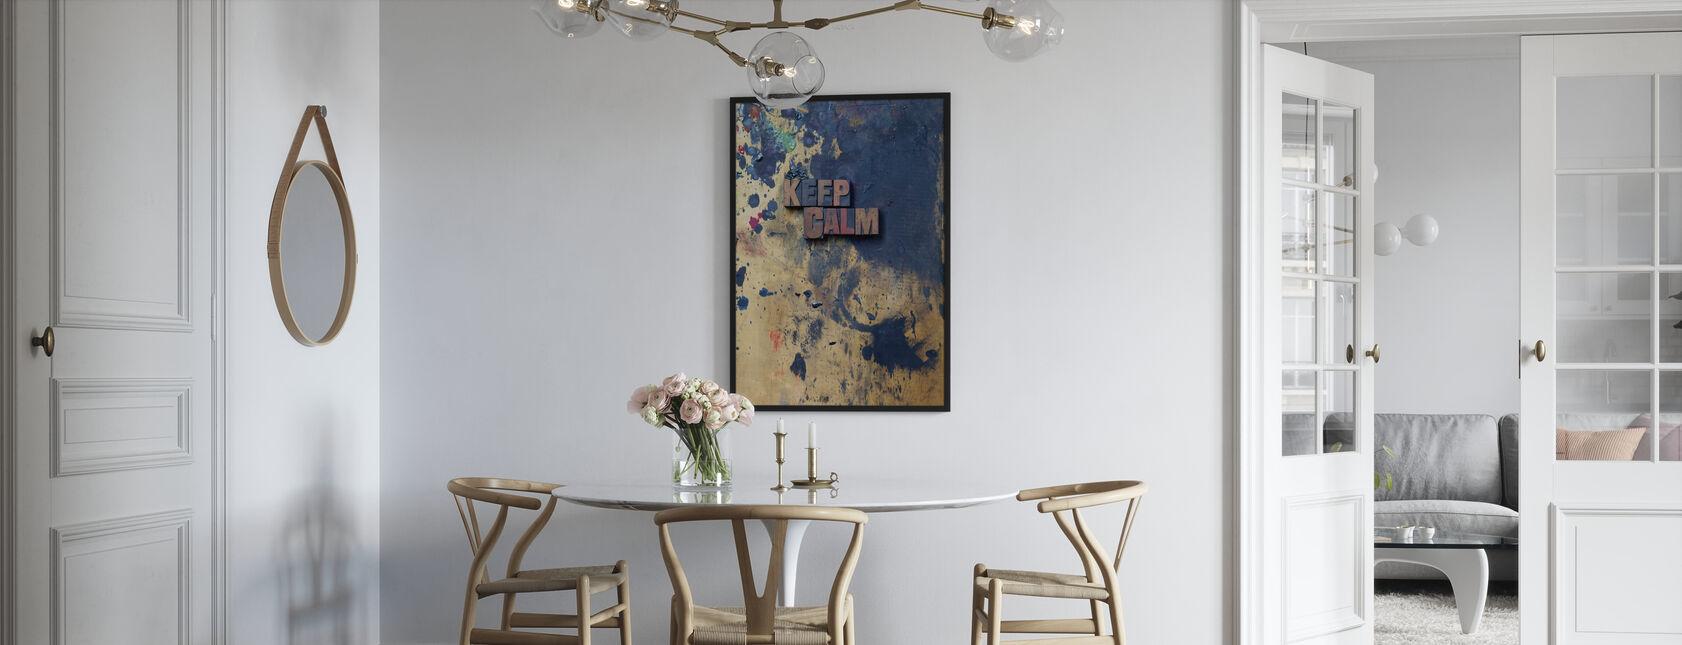 Mantenere la calma - Poster - Cucina